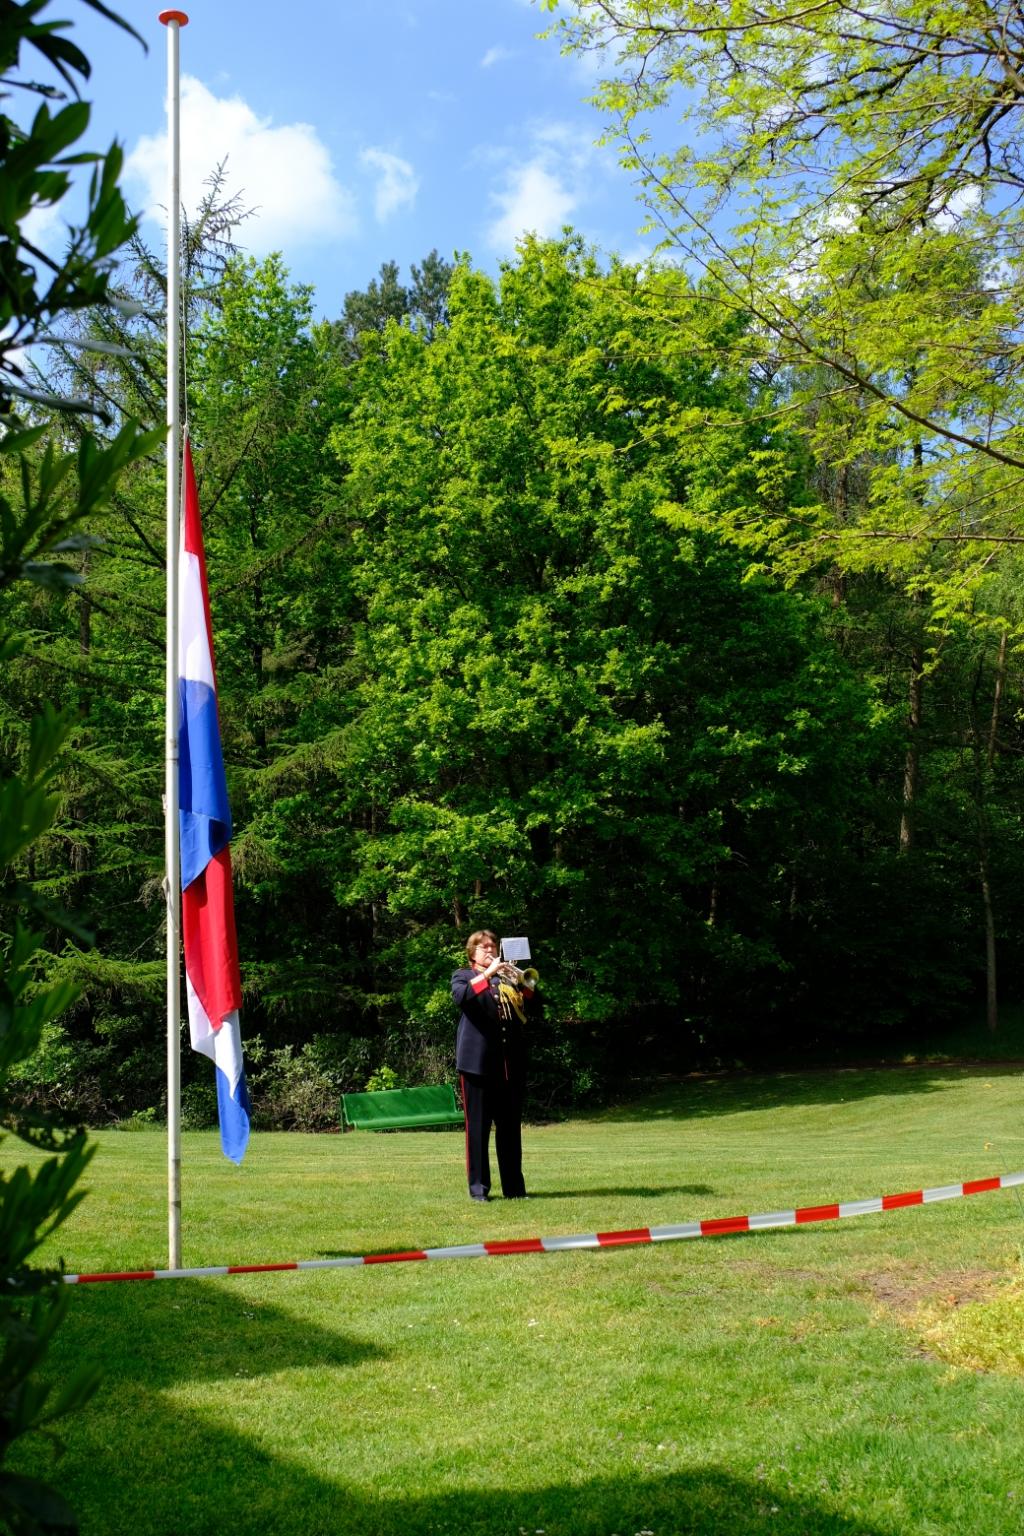 herdenking doorn Jehuda de Jong                                                                                                                                                                                                                                                                © BDU